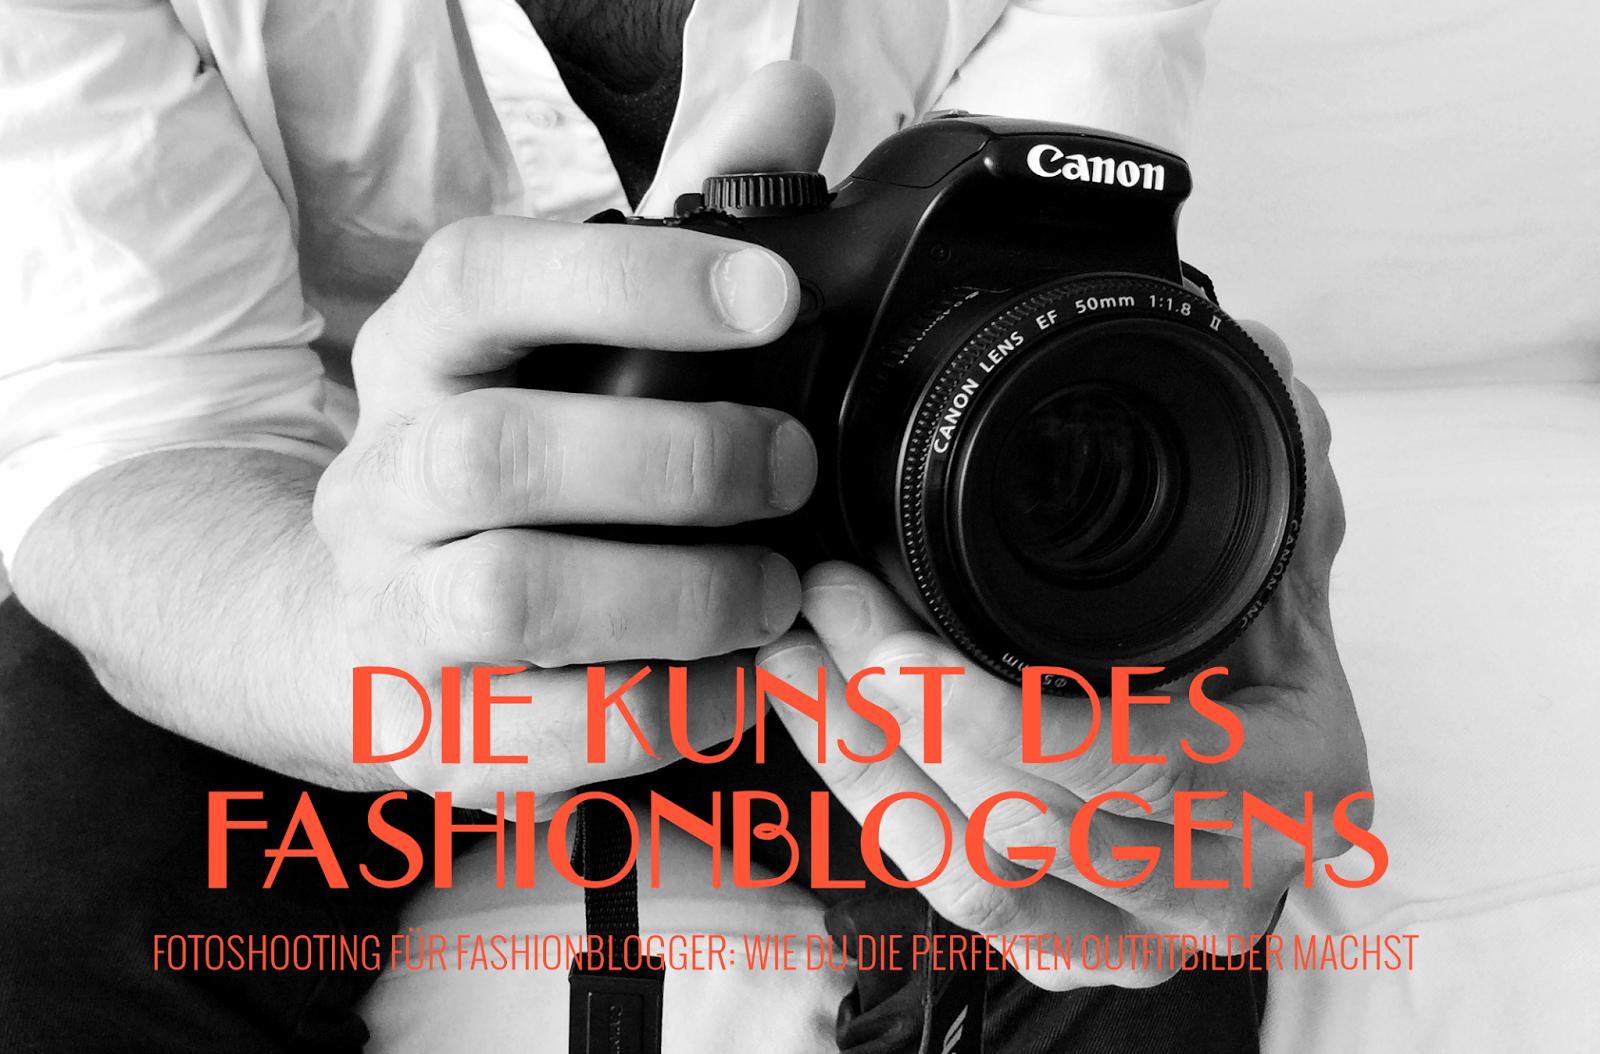 Fotoshooting für Fashionblogger: So machst du die perfekten Outfitbilder